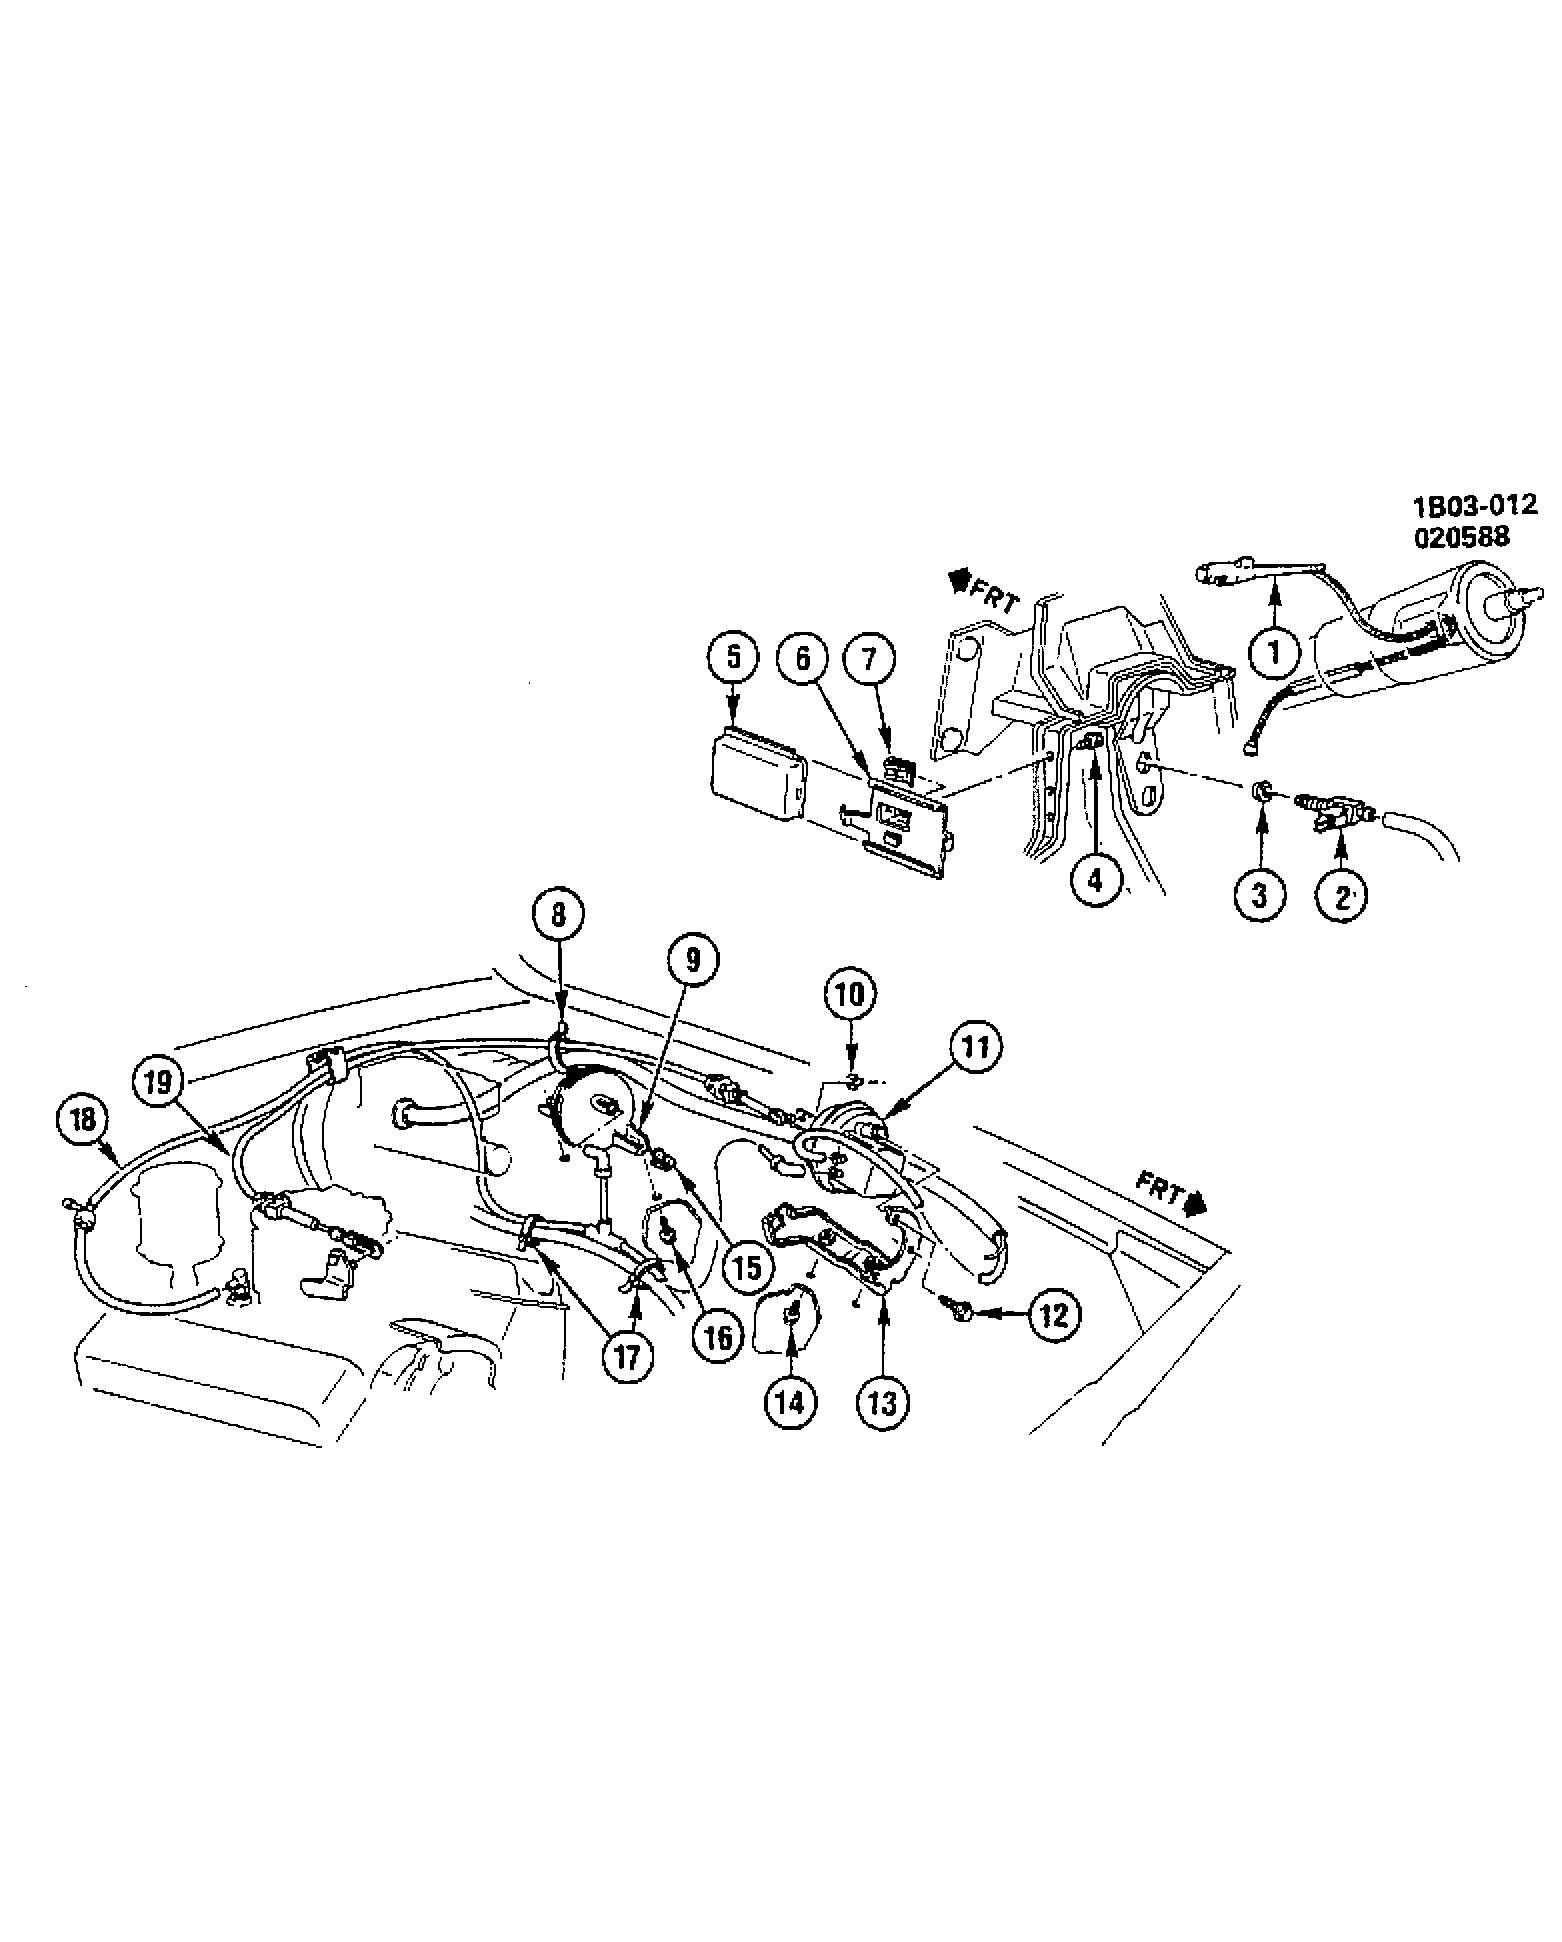 Caprice Cruise Control V8 Chevrolet Epc Online Nemigacom Gm Diagram